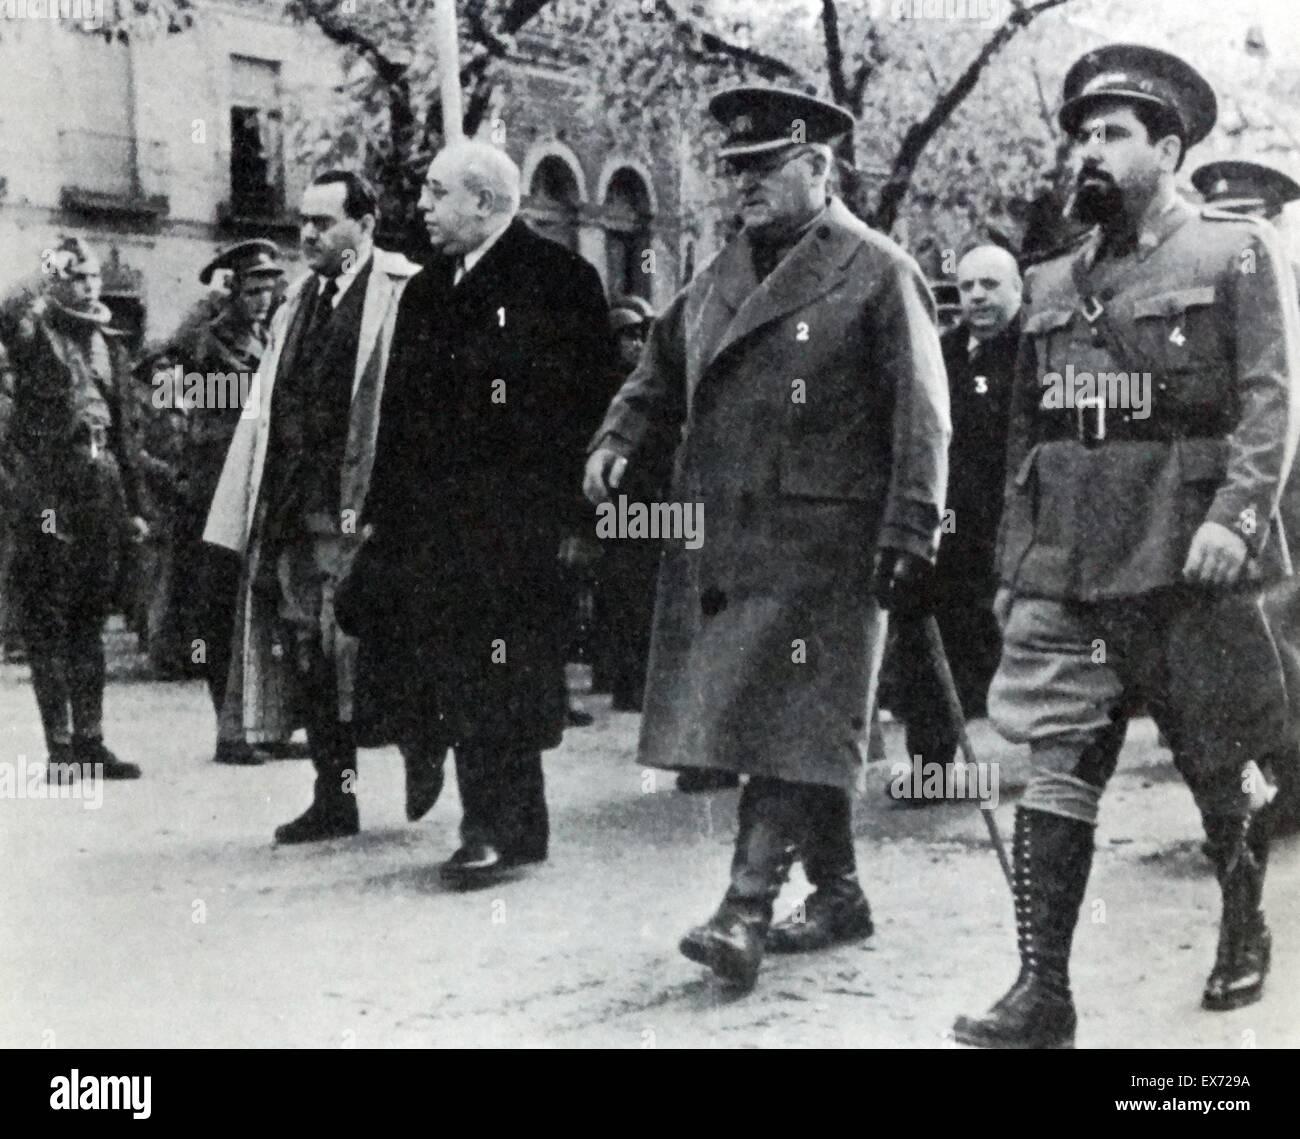 1937 Président de l'Espagne républicaine visite la ligne de front pendant la guerre civile espagnole. Photo Stock